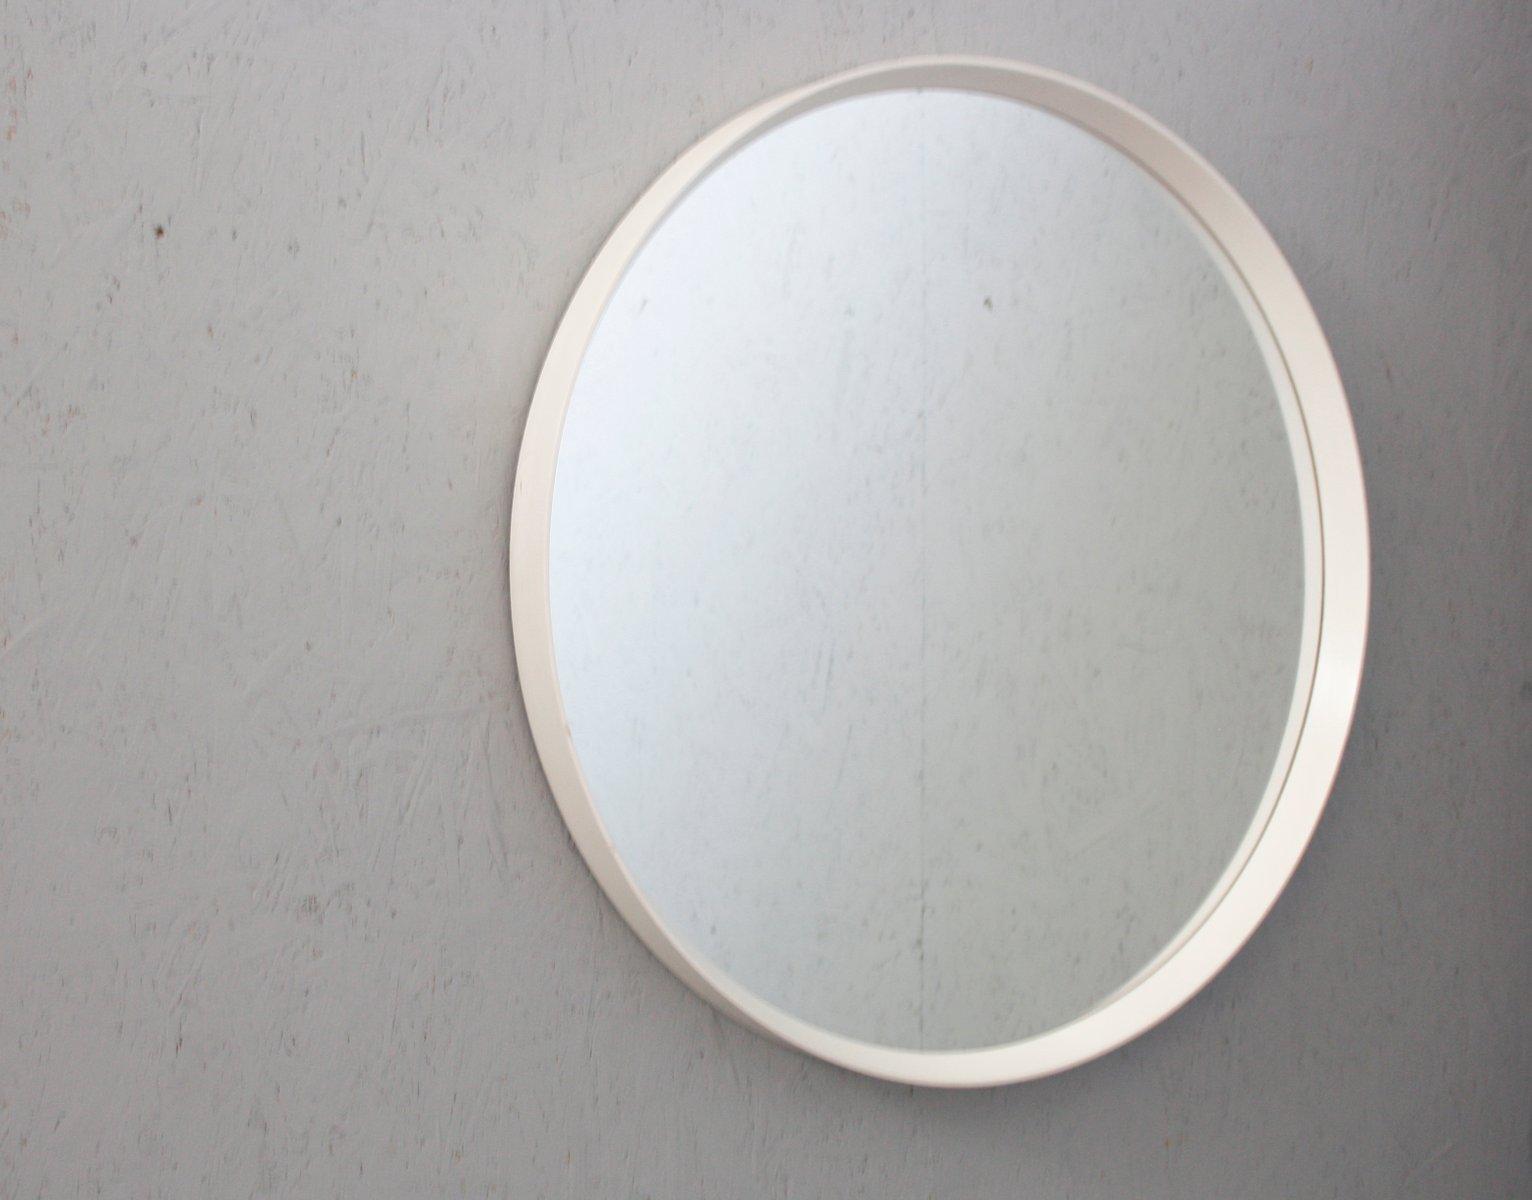 Specchio Mid-Century rotondo con cornice bianca in vendita su Pamono